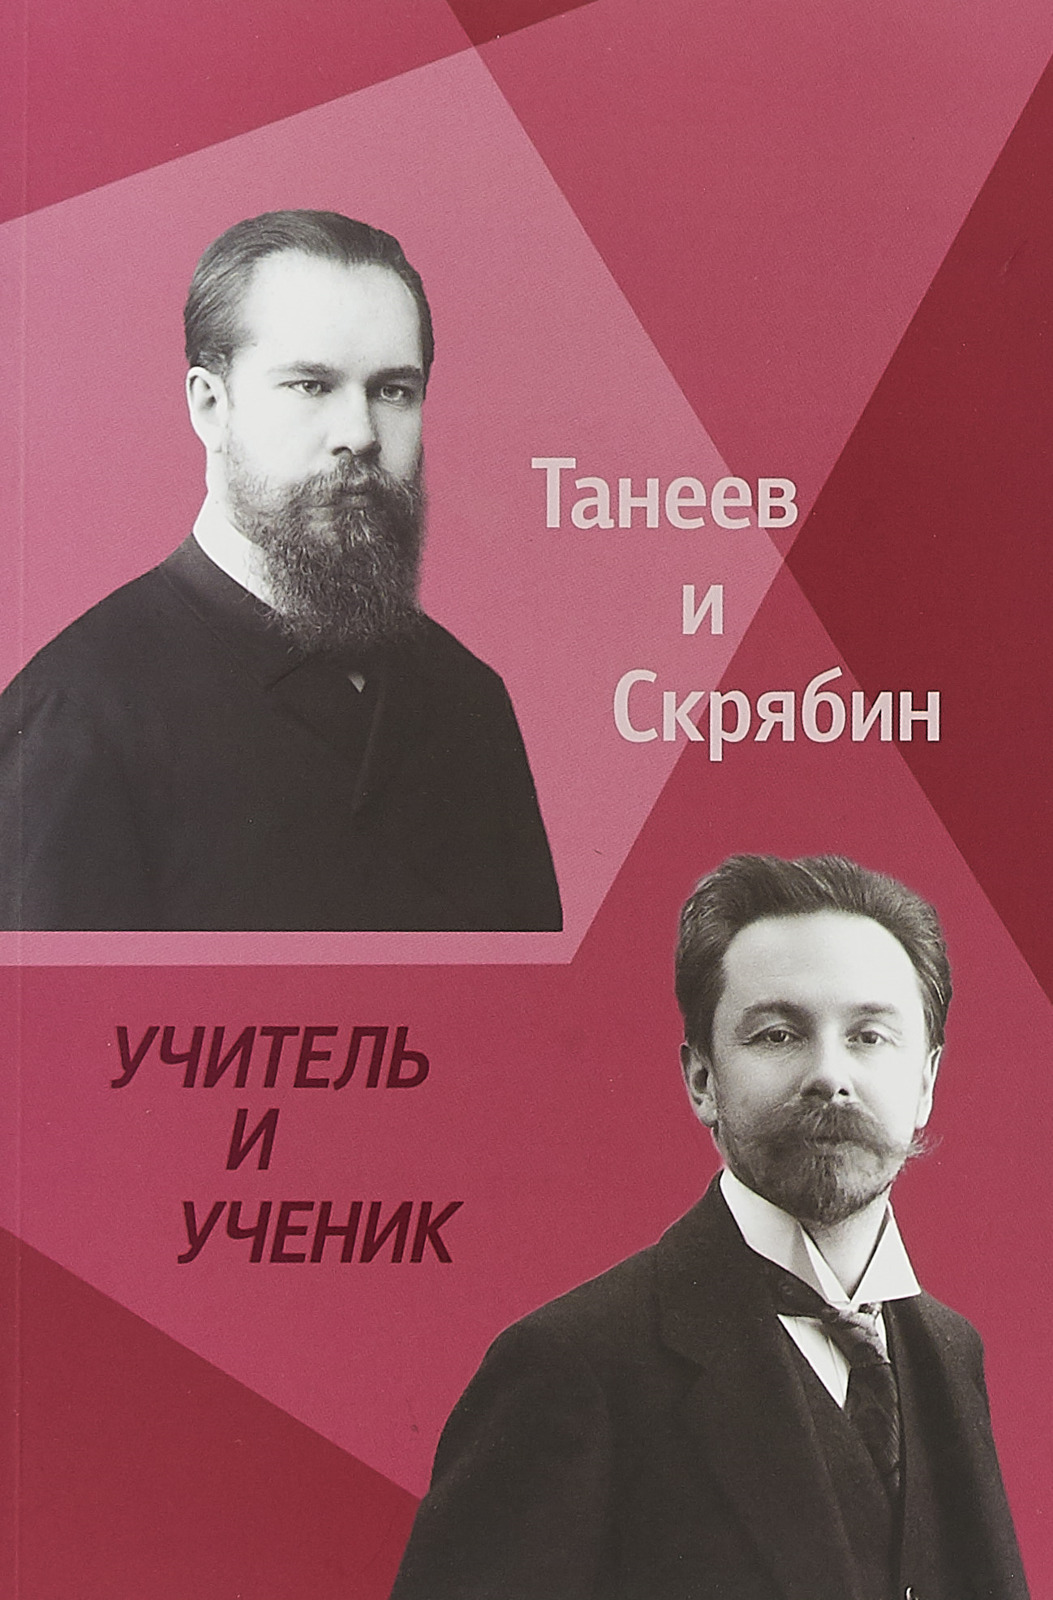 Александра Скрябин,Сергей Танеев С. И. Танеев и А. Н. Скрябин. Учитель и Ученик